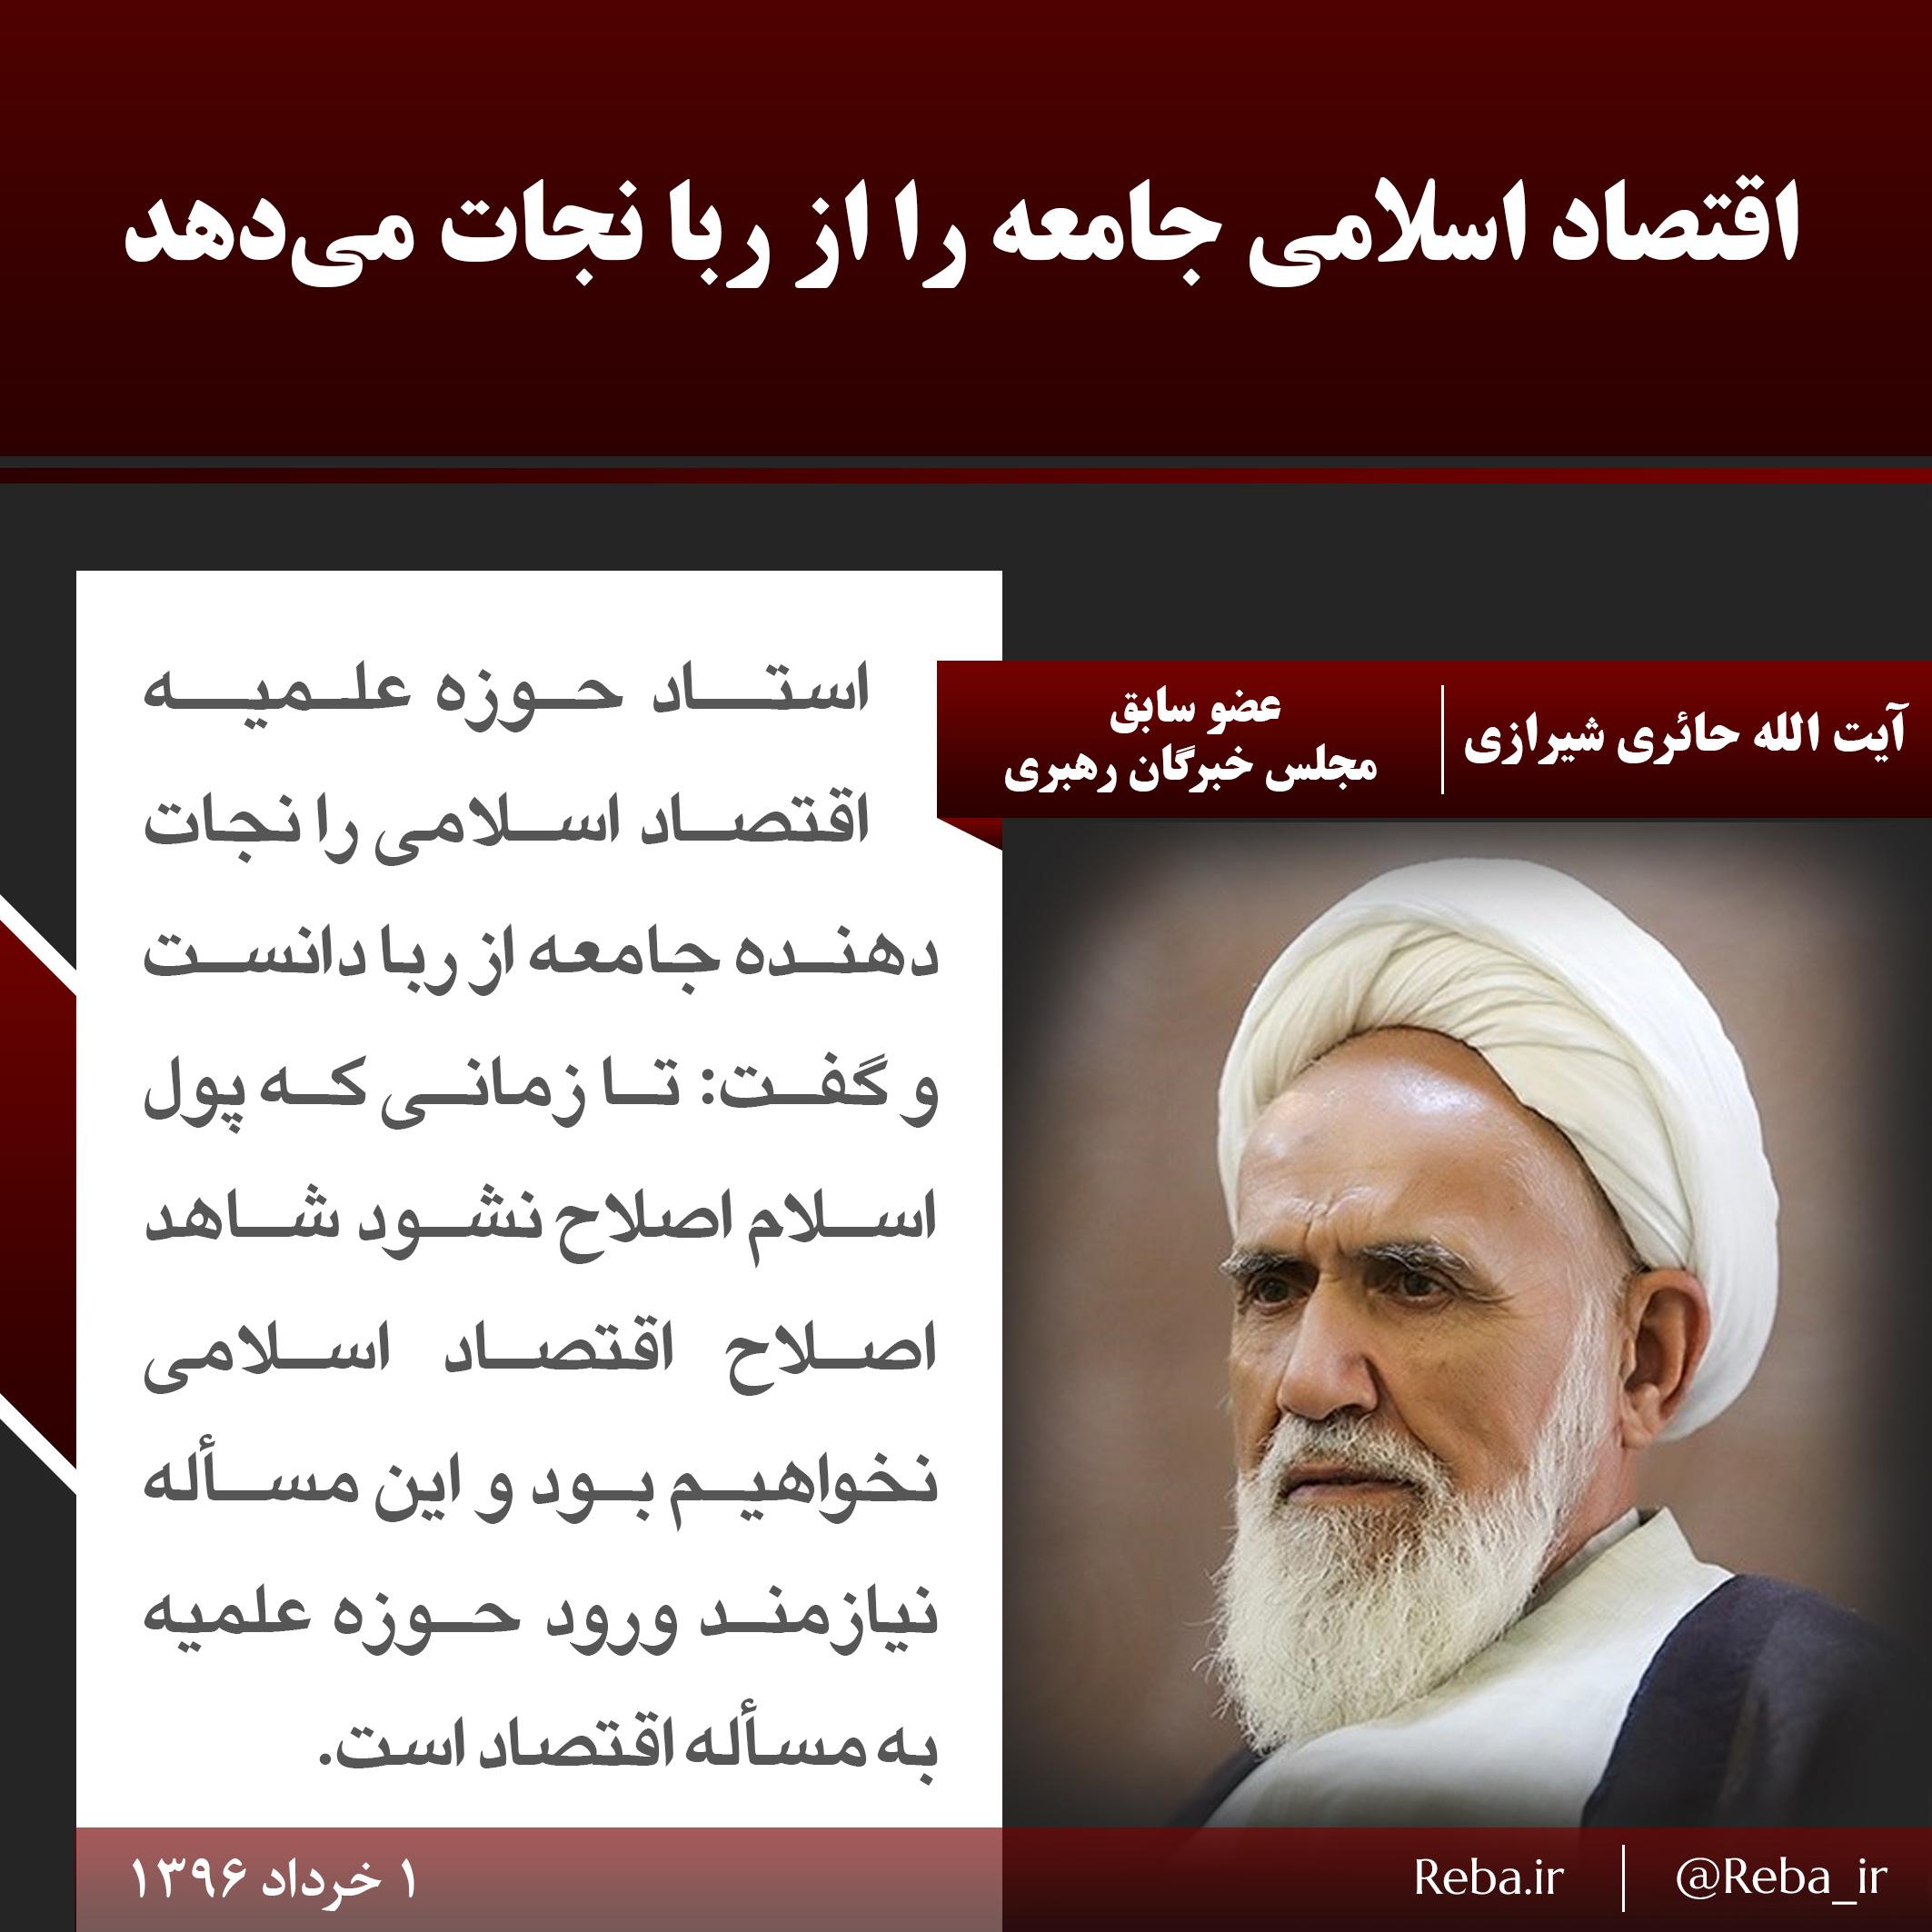 تصویر از آیتالله حائری شیرازی: اقتصاد اسلامی جامعه را از ربا نجات میدهد